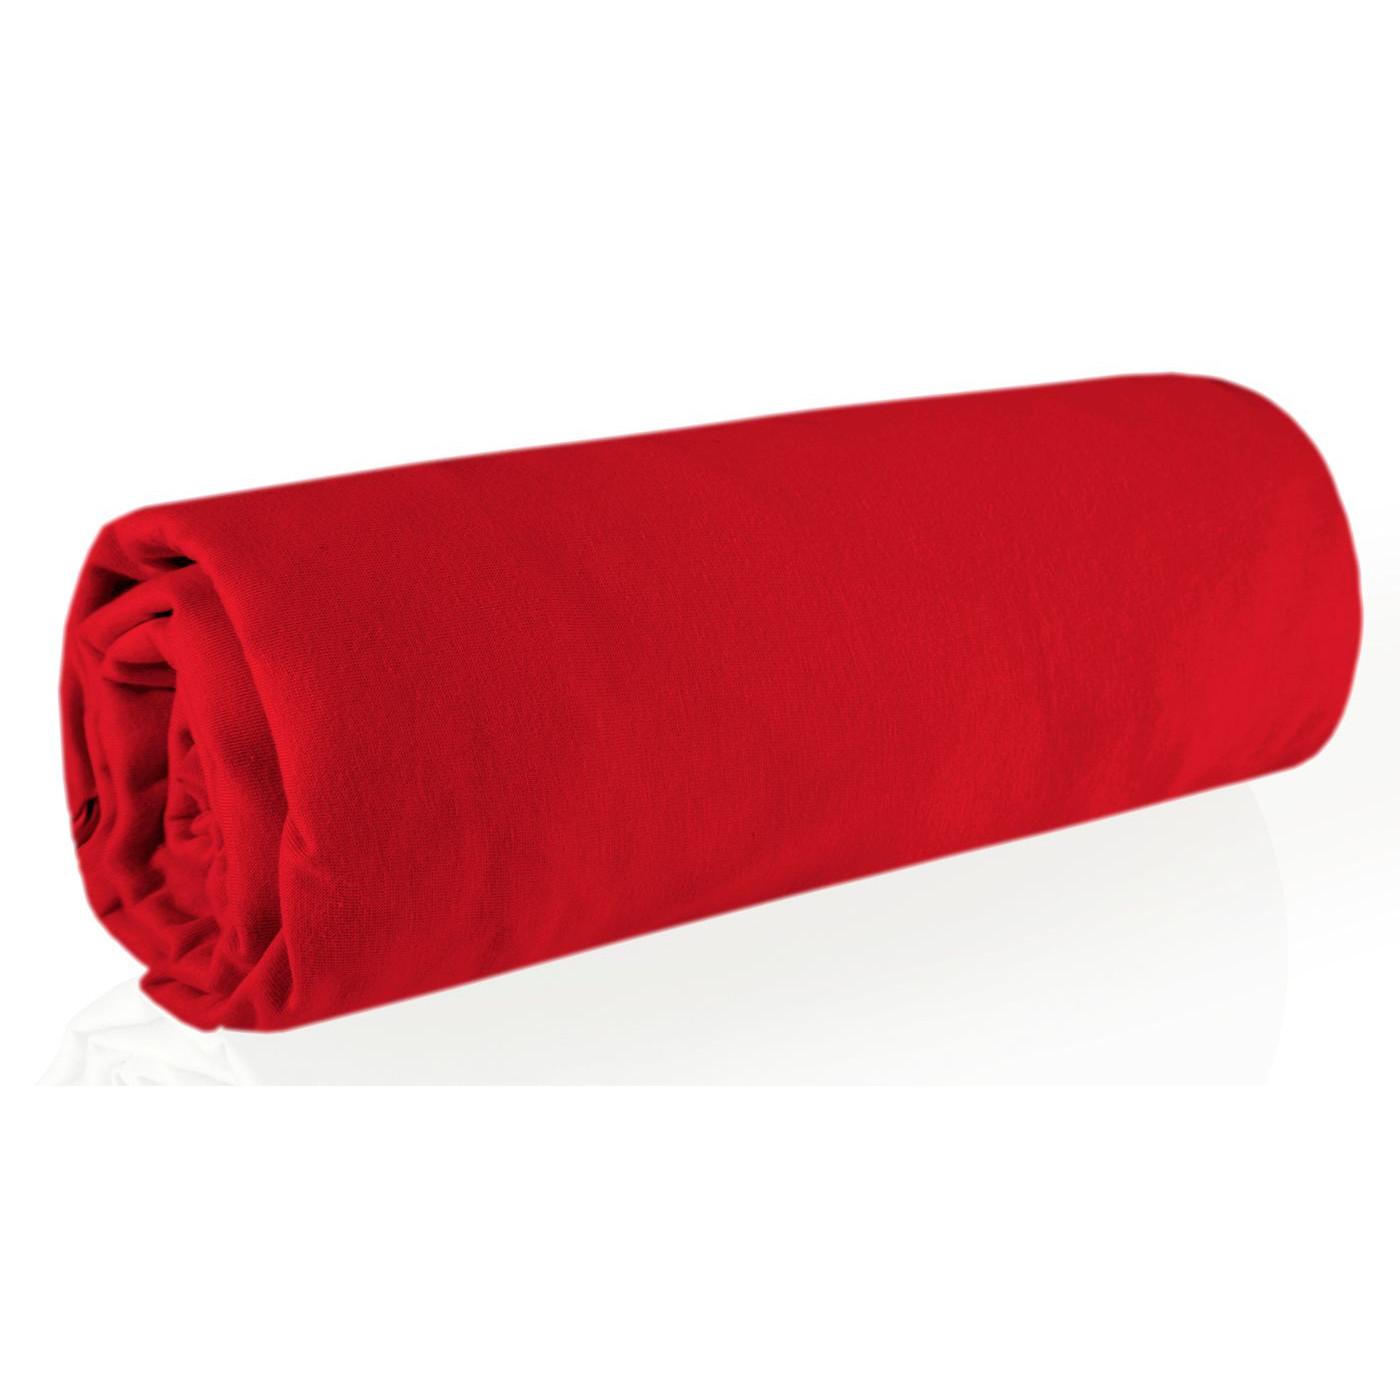 Prześcieradło gładkie z gumką bawełna jersey czerwone 220x200+30cm